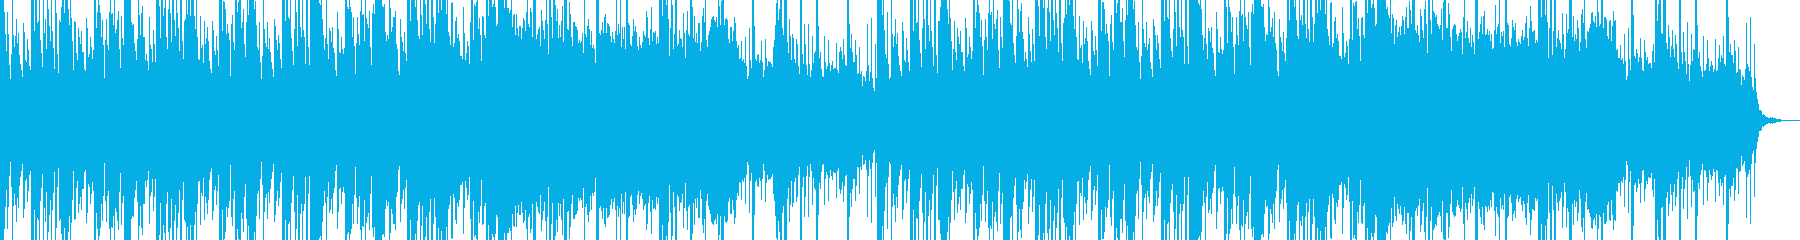 洞窟・ダンジョン・鉱山(ループ可能)の再生済みの波形